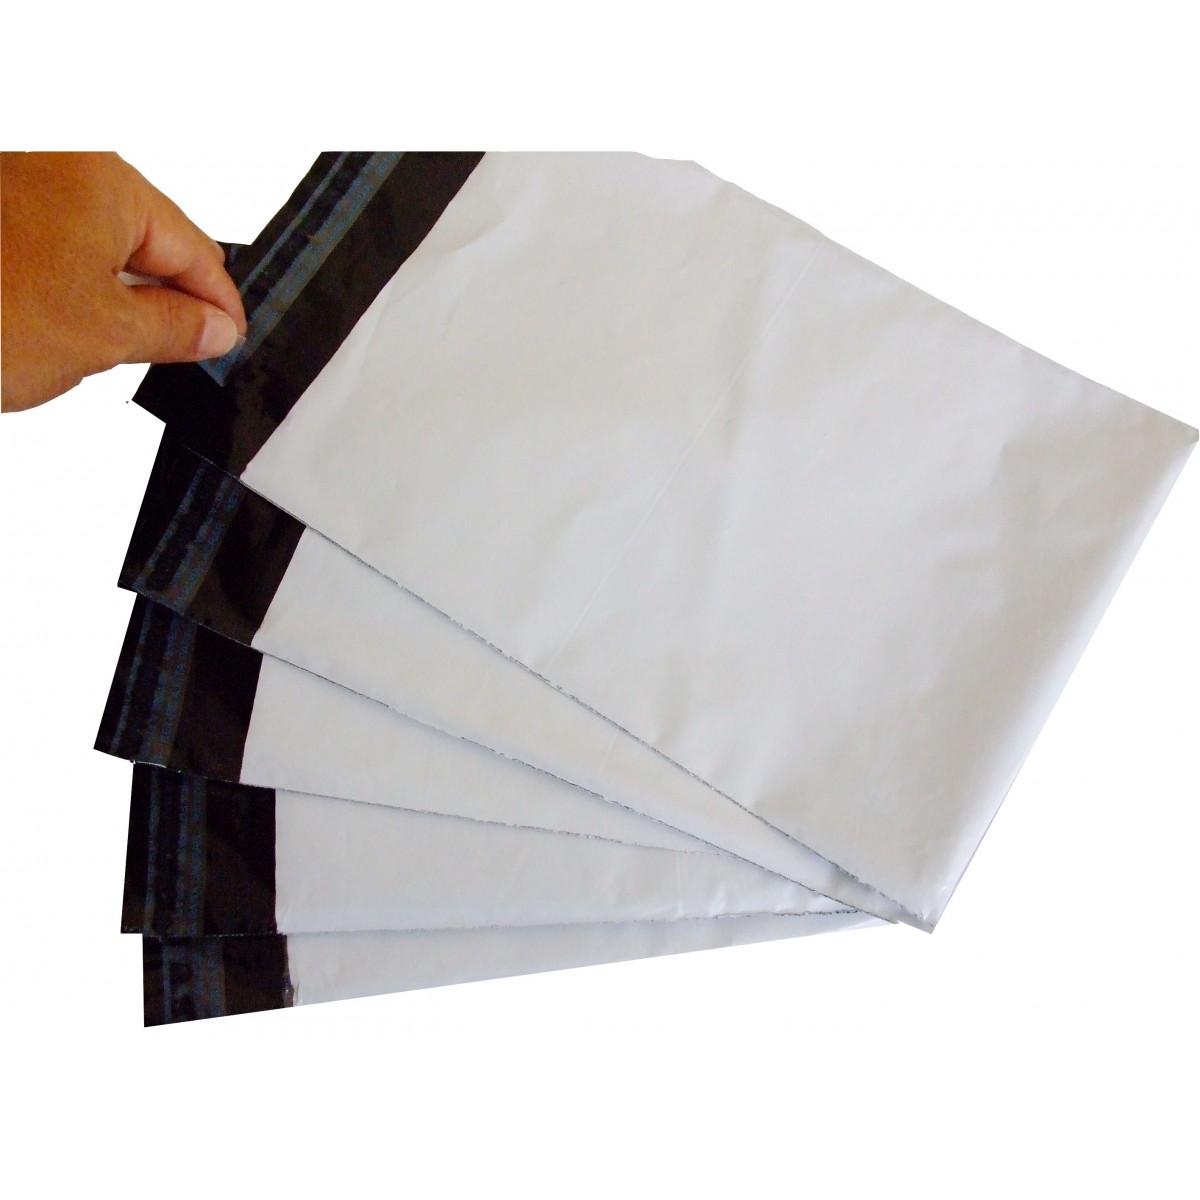 Envelope de Segurança Liso Branco L:40 X C:30 + 5 (Aba) cm